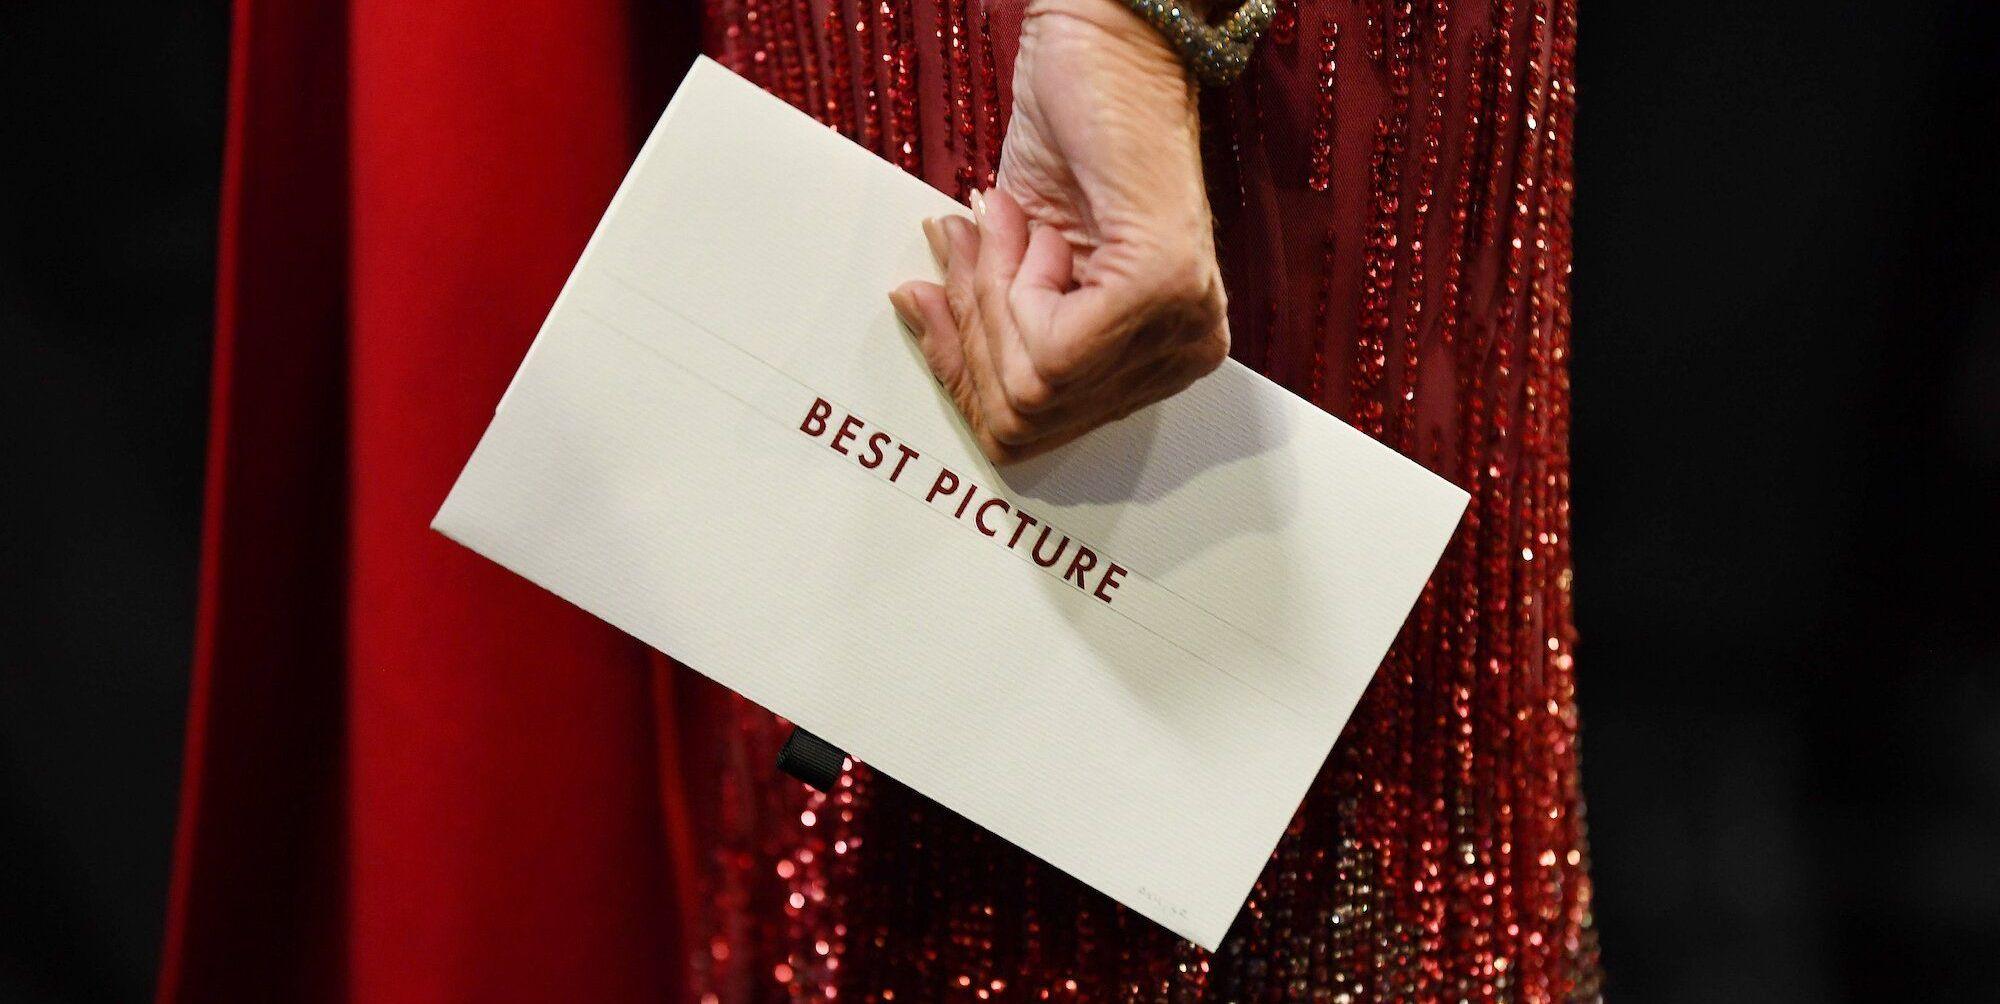 آکادمی اسکار 15 ستاره دنیای سینما را برای اجرای مراسم نود و سومین اسکار یا اسکار 2021 که شبیه یک فیلم است انتخاب کرده است